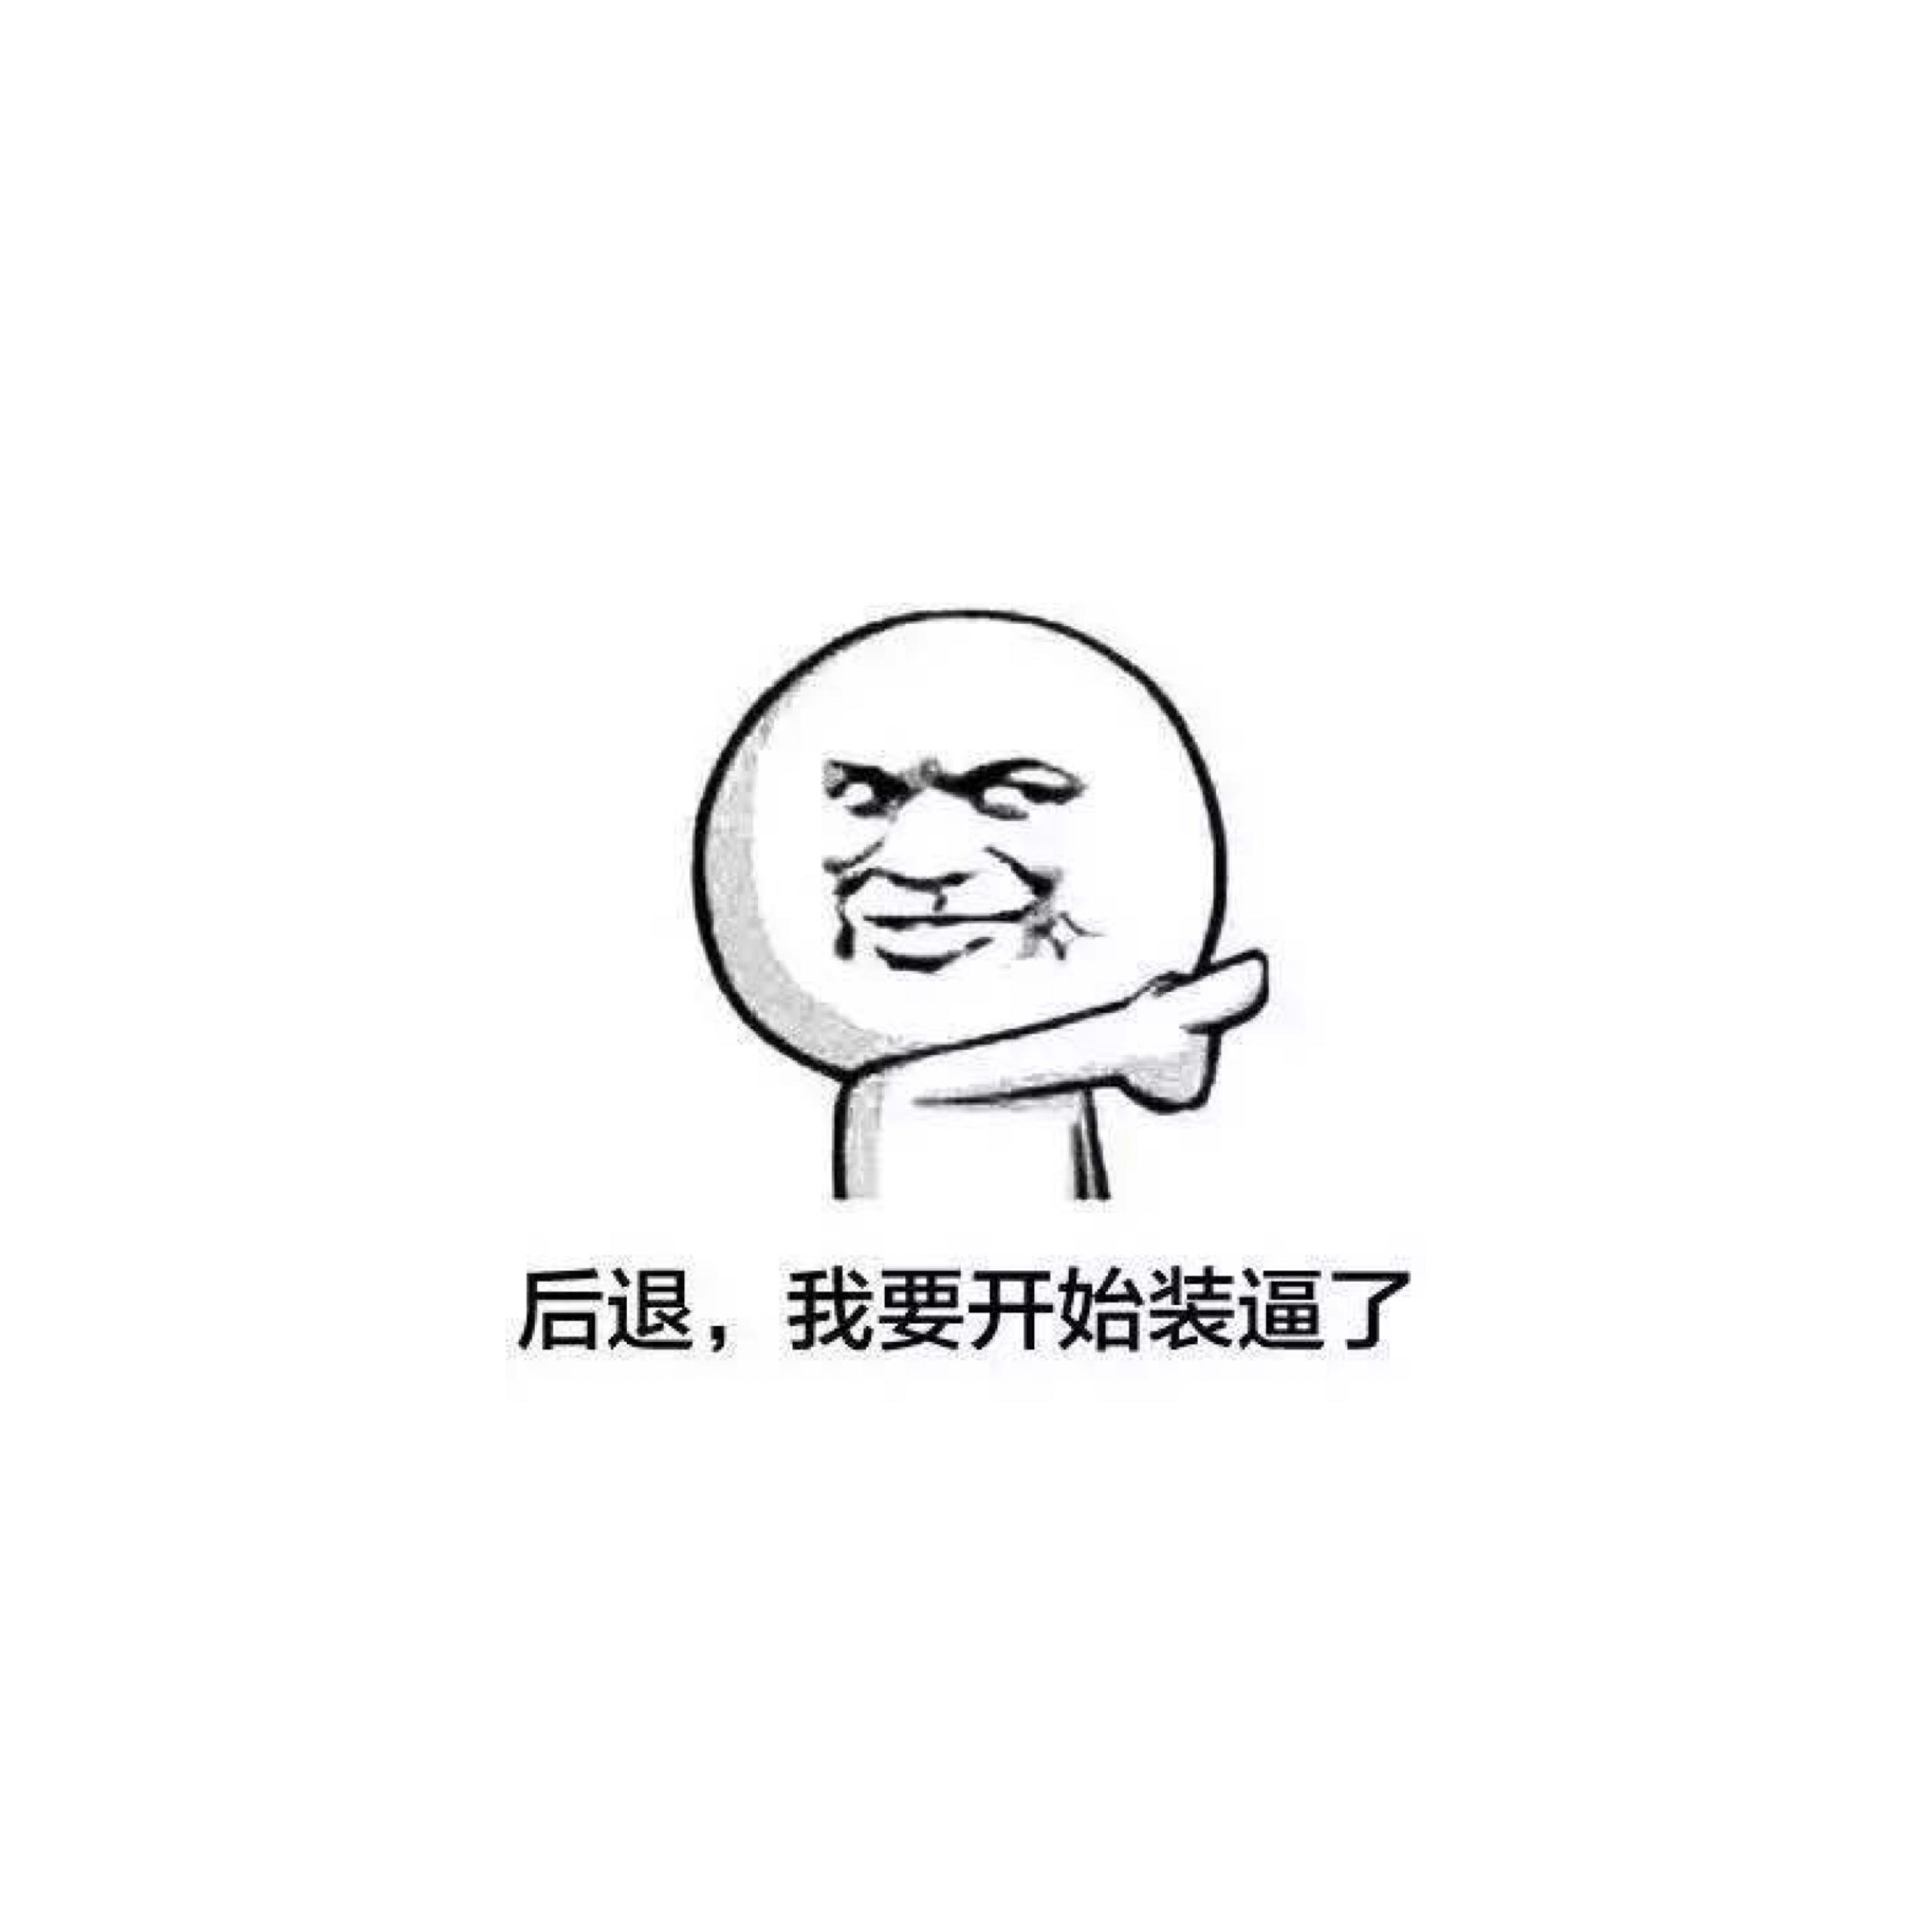 猥琐猫表情包_乐乐简笔画